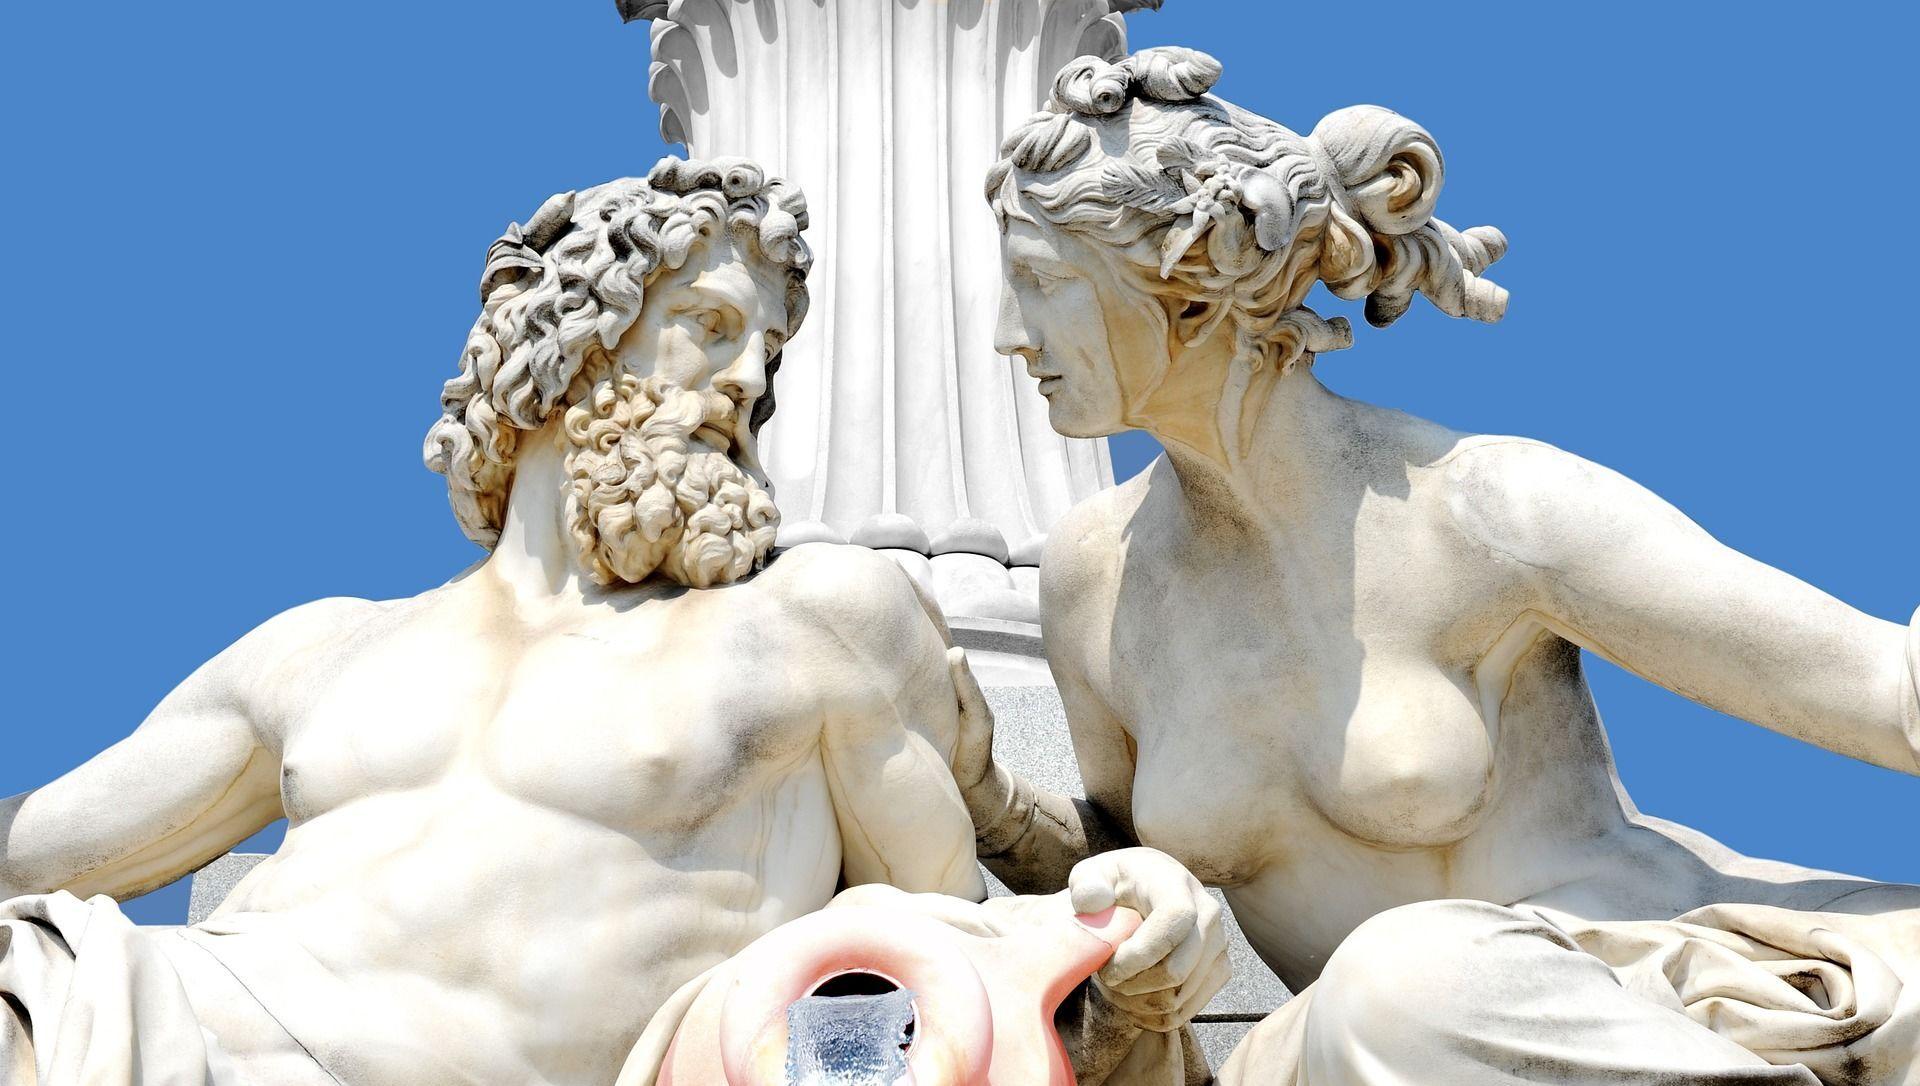 Las estatuas de dioses griegos (imagen referencial) - Sputnik Mundo, 1920, 06.02.2021